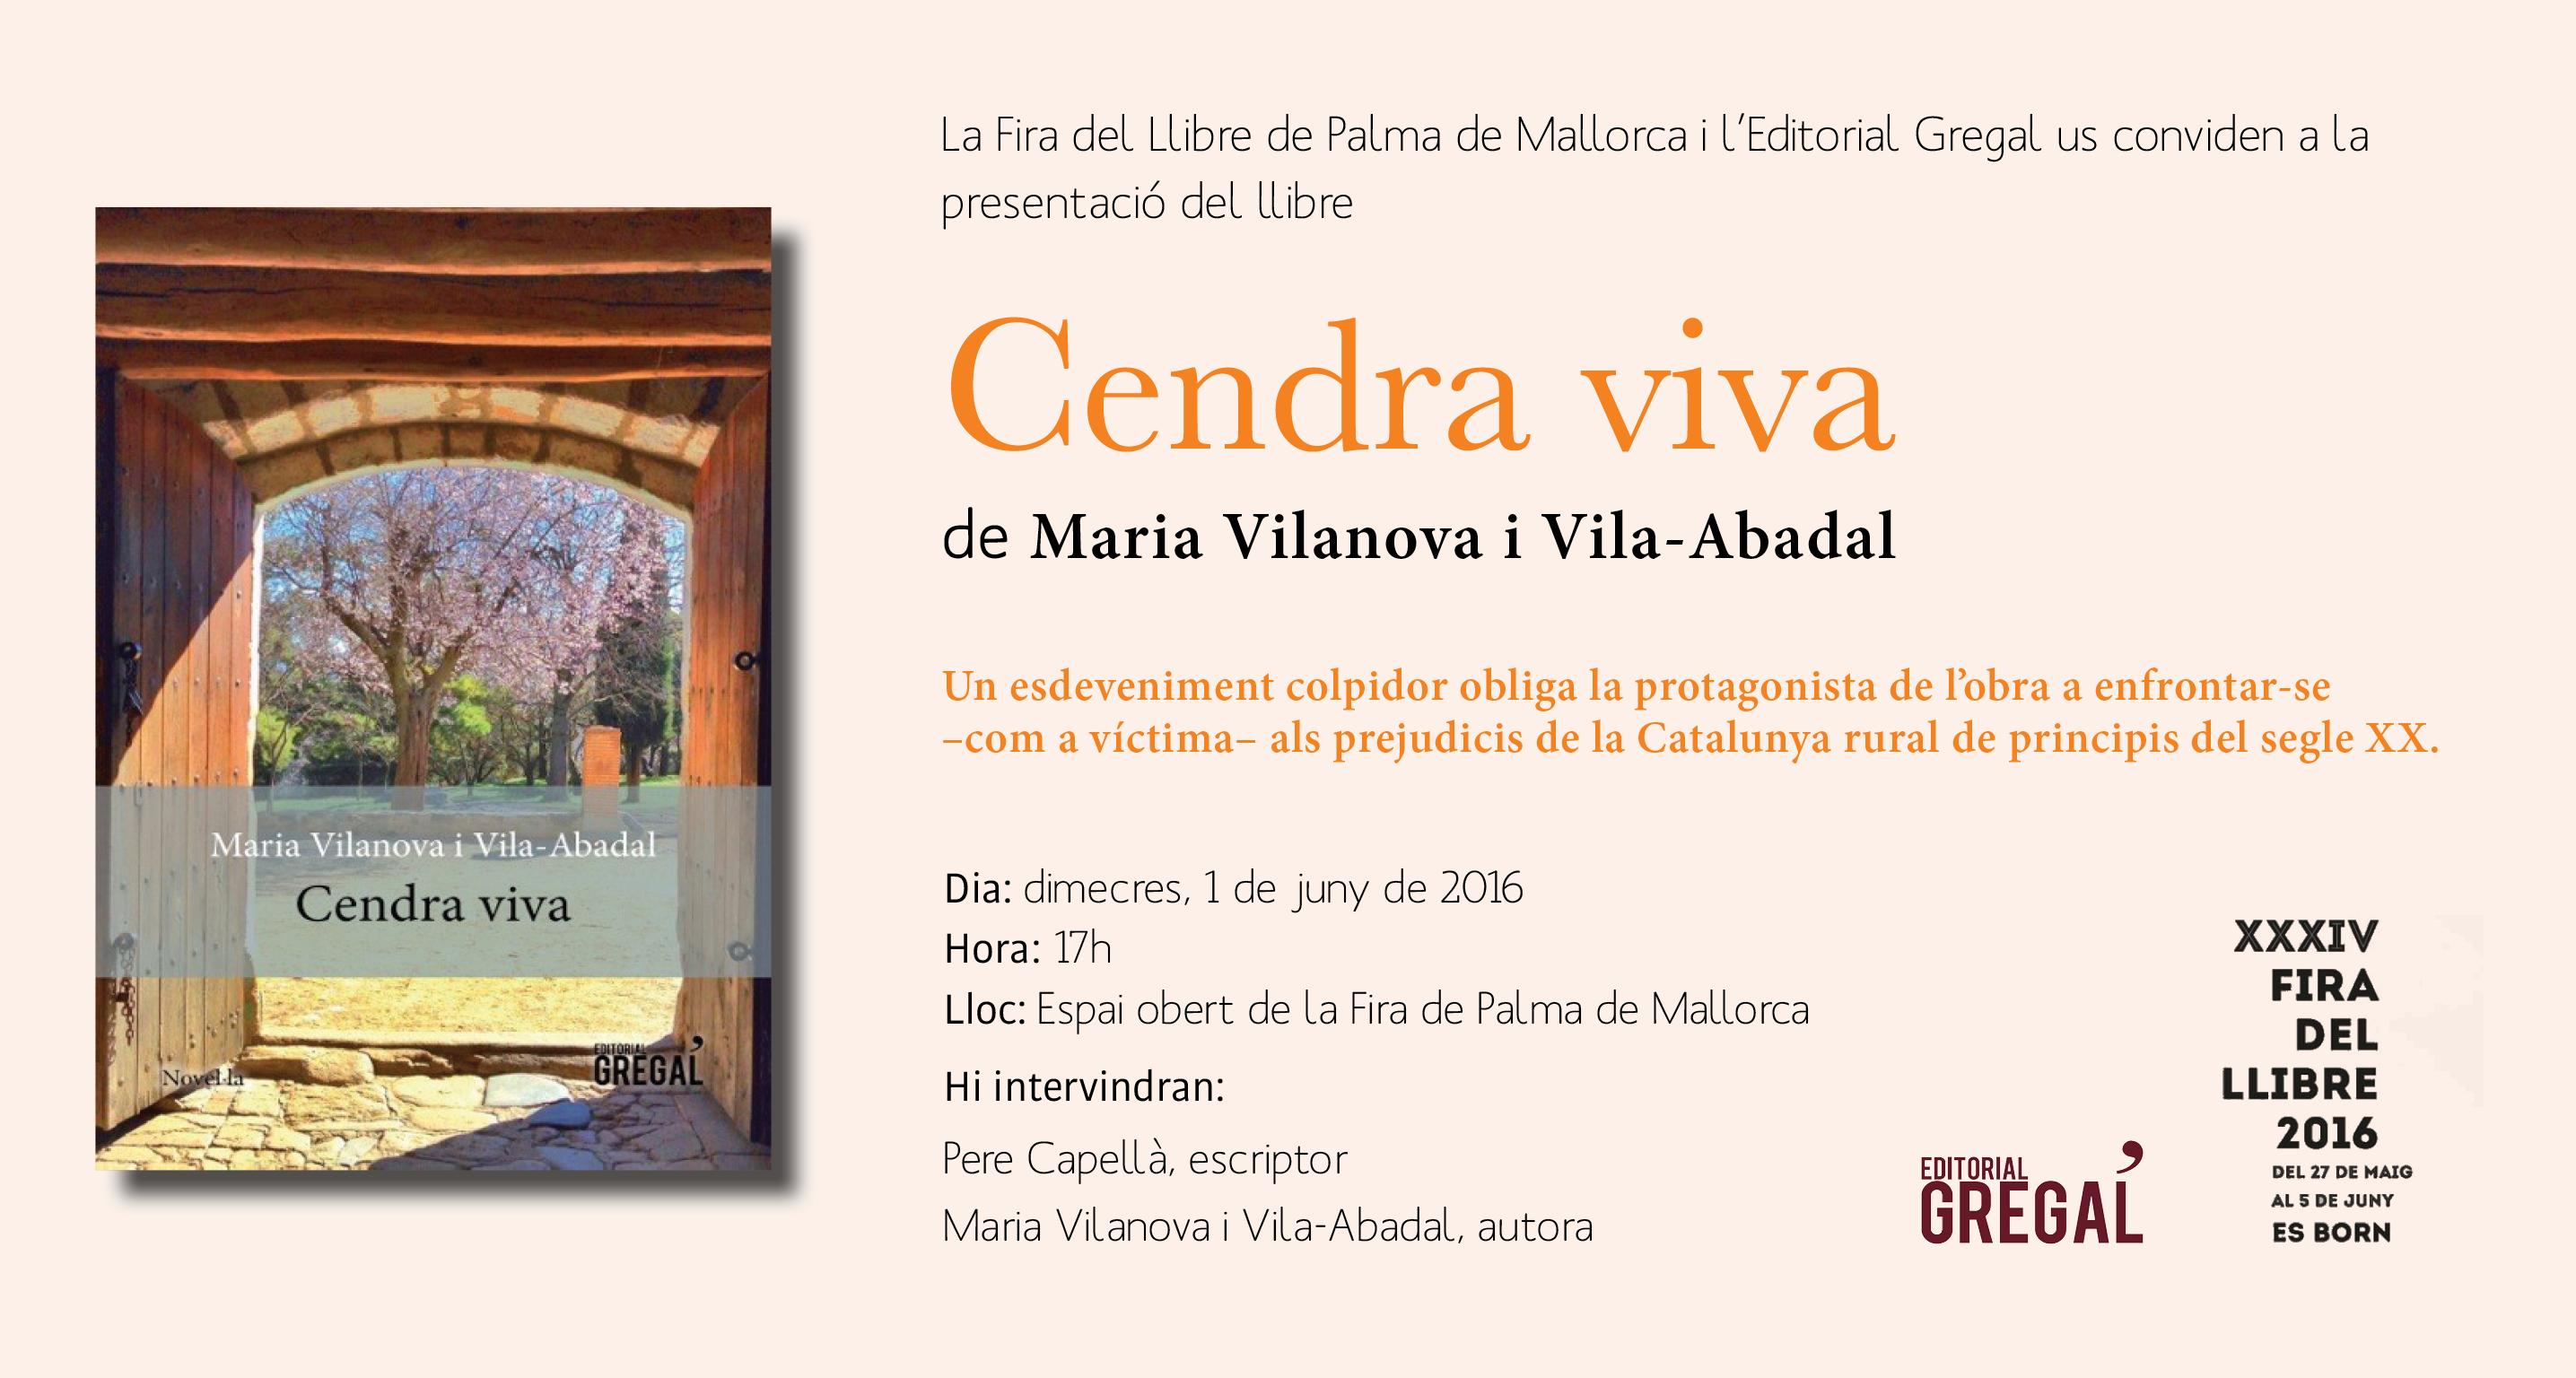 Cendra viva Fira del Llibre de Palma